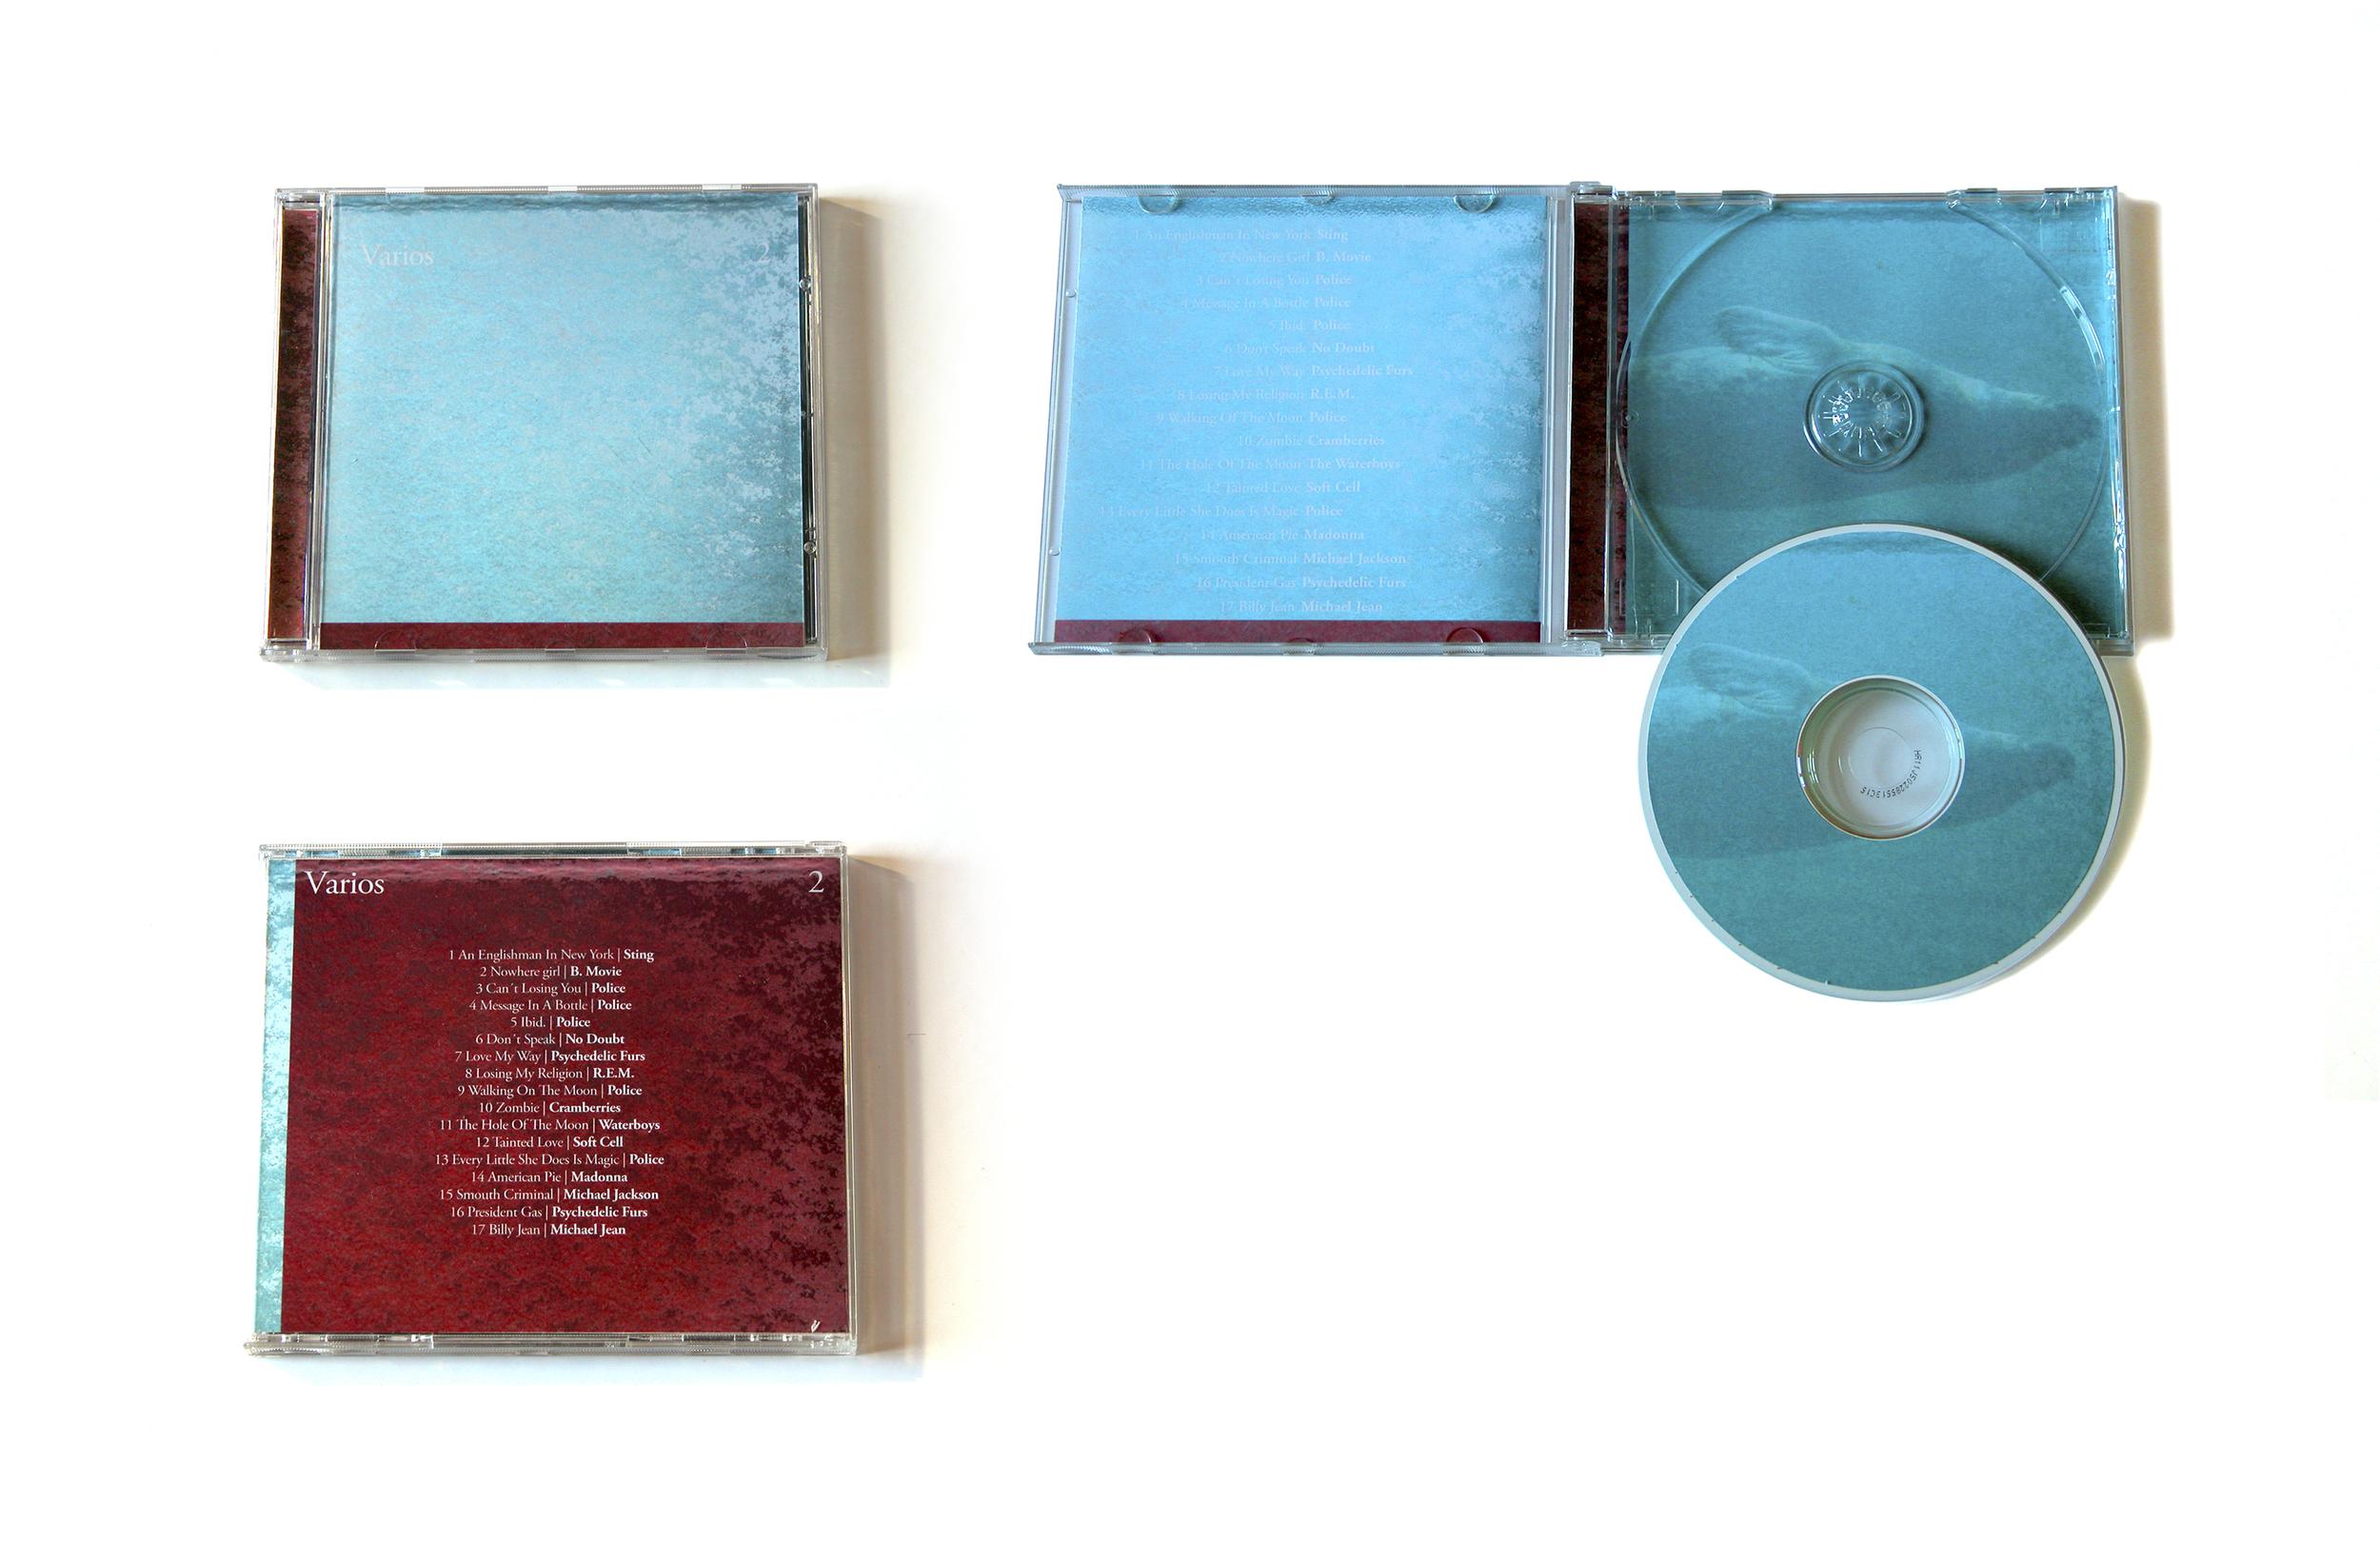 Carátulas de CD de música, 'Varios 2', D. Pedro Esteban (DEP)